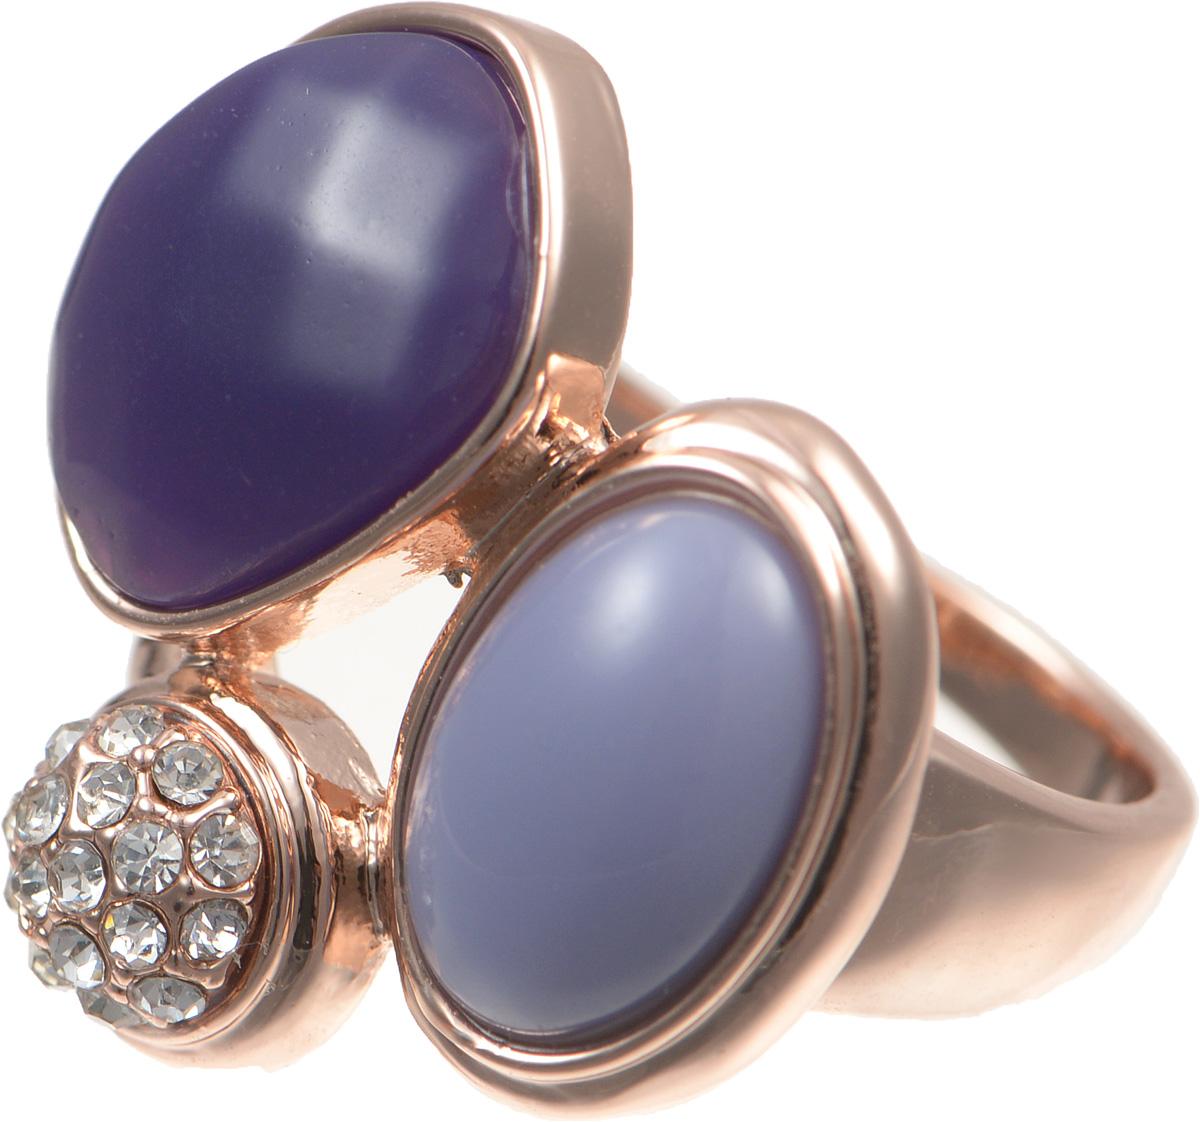 Кольцо Selena Medea, цвет: золотой, фиолетовый. 6002482860024828Стильное кольцо Selena Medea выполнено из ювелирного сплава гальваническим покрытием золотом и оформлено кристаллами Preciosa и вставками из ювелирной смолы. Элегантное кольцо Selena превосходно дополнит ваш образ и подчеркнет отменное чувство стиля своей обладательницы.